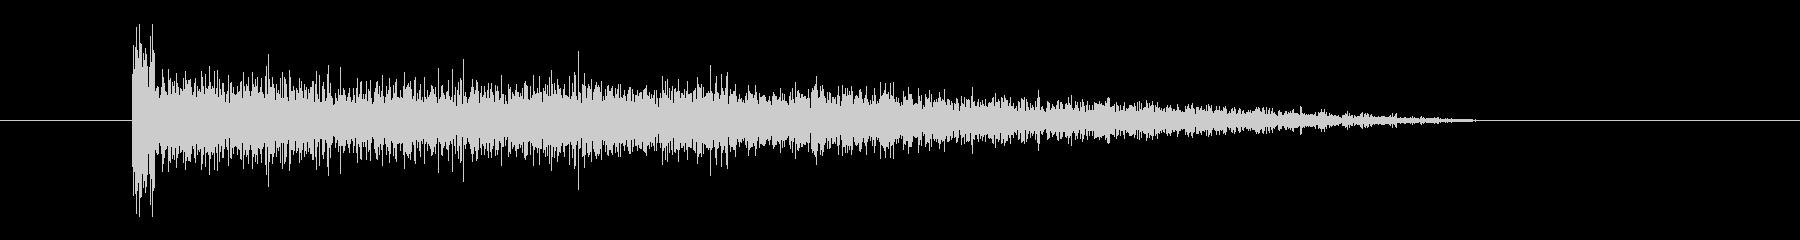 レーザー音-67-3の未再生の波形